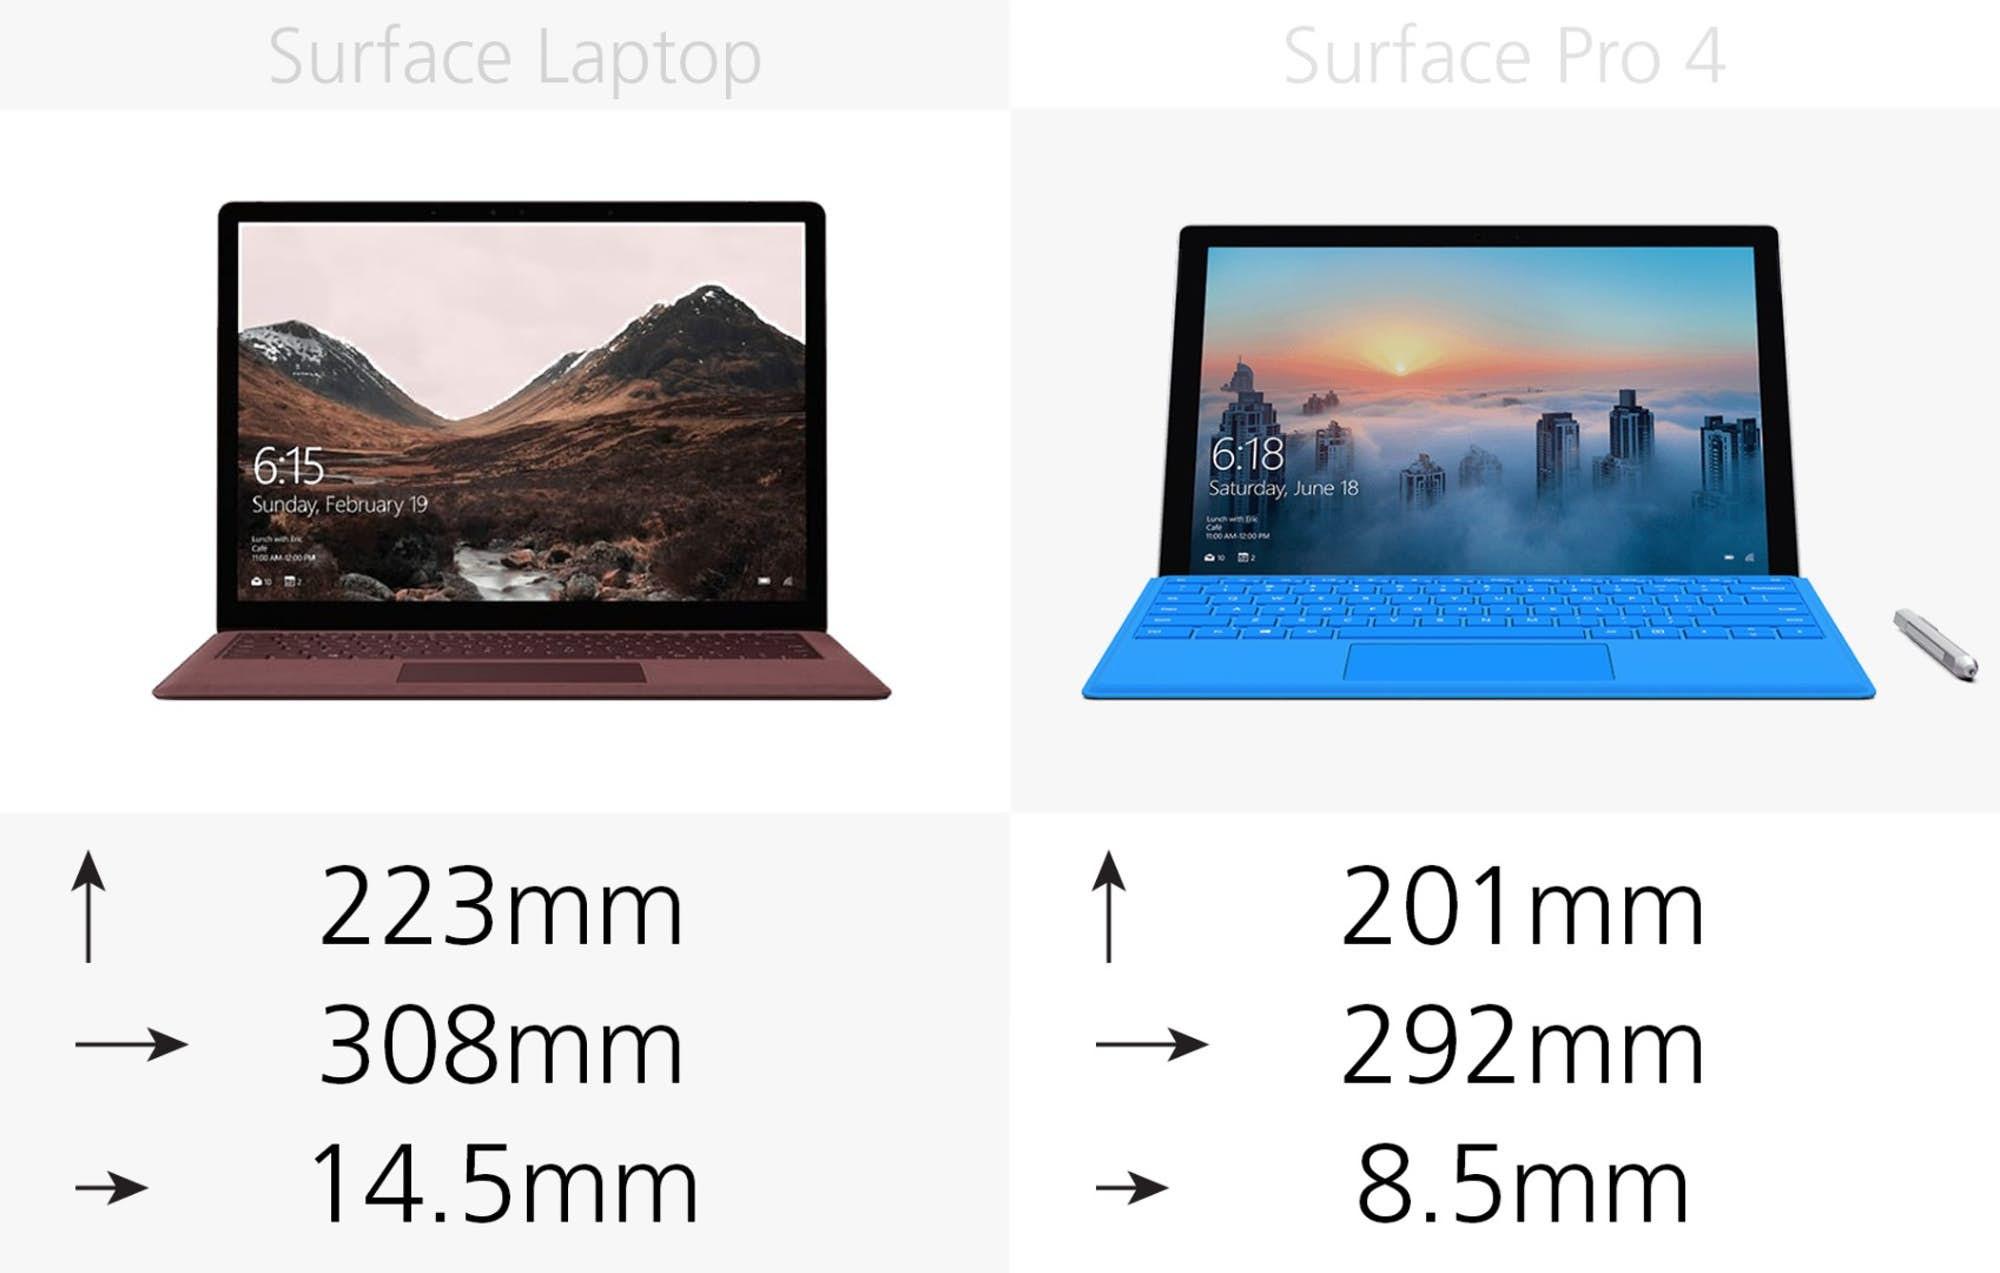 1493969765_microsoft-surface-laptop-vs-surface-pro-4-specs-comparison-27.jpg